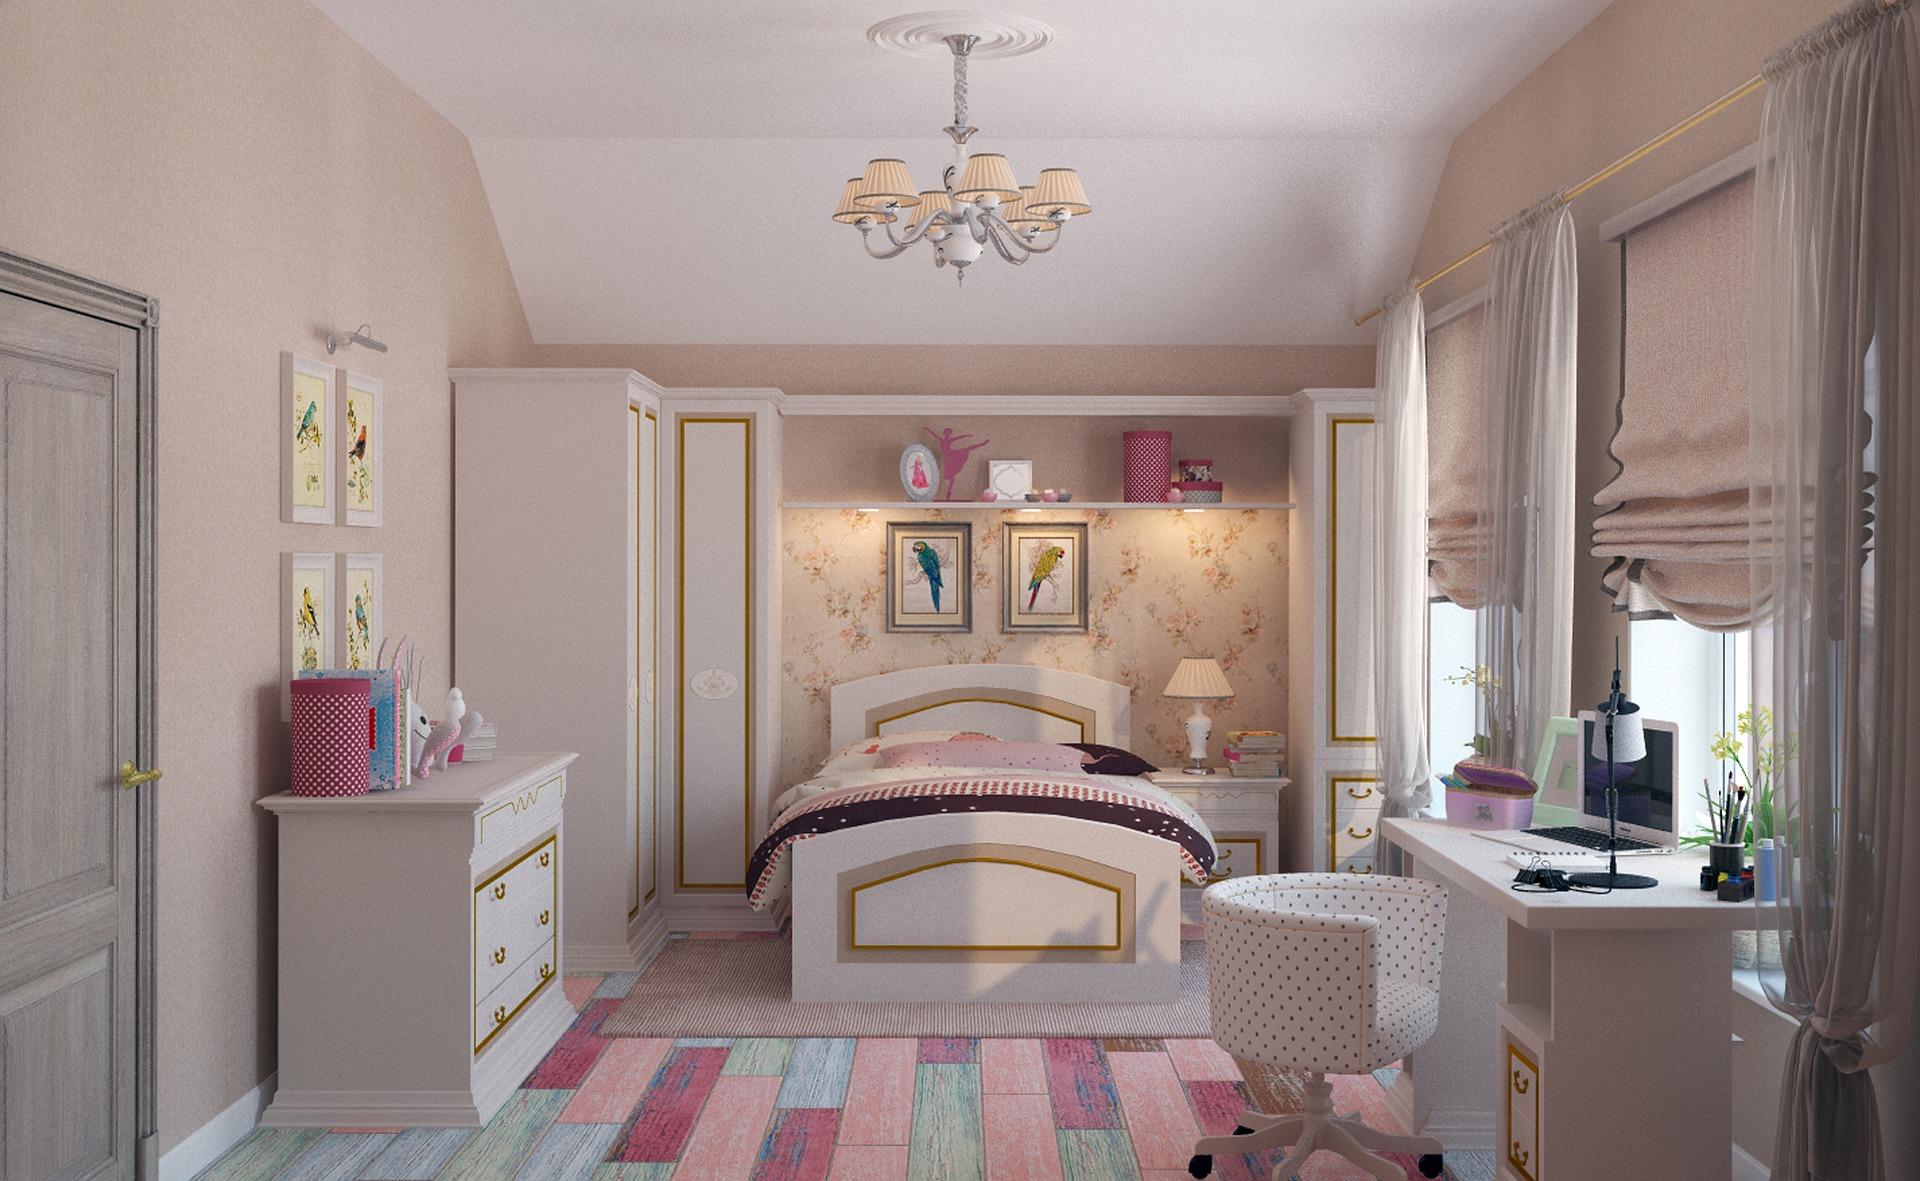 Décorer la chambre de son loulou, créer un espace bien à lui